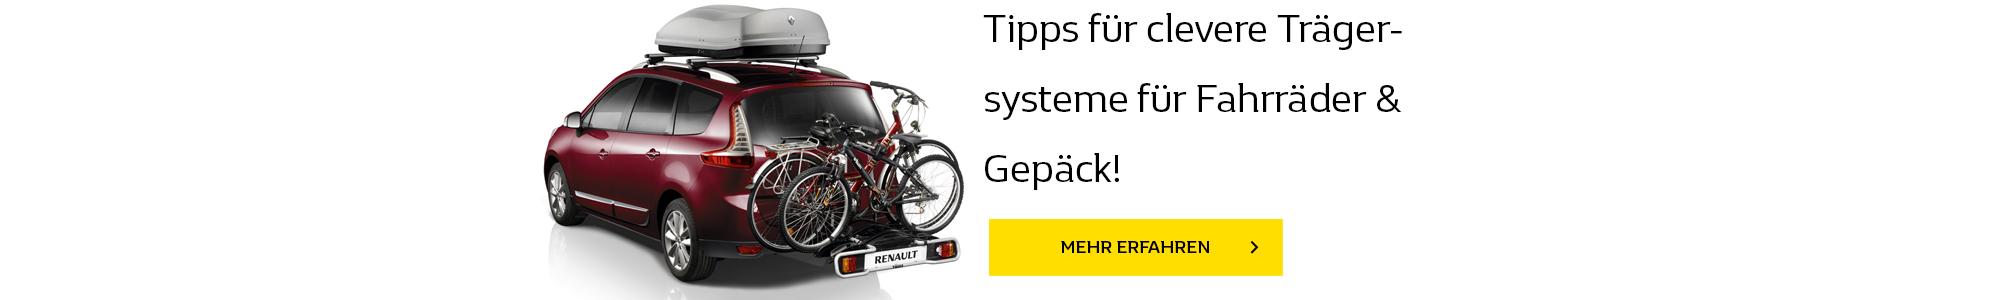 Sie möchten auch weit entfernte Orte mit dem Fahrrad entdecken?